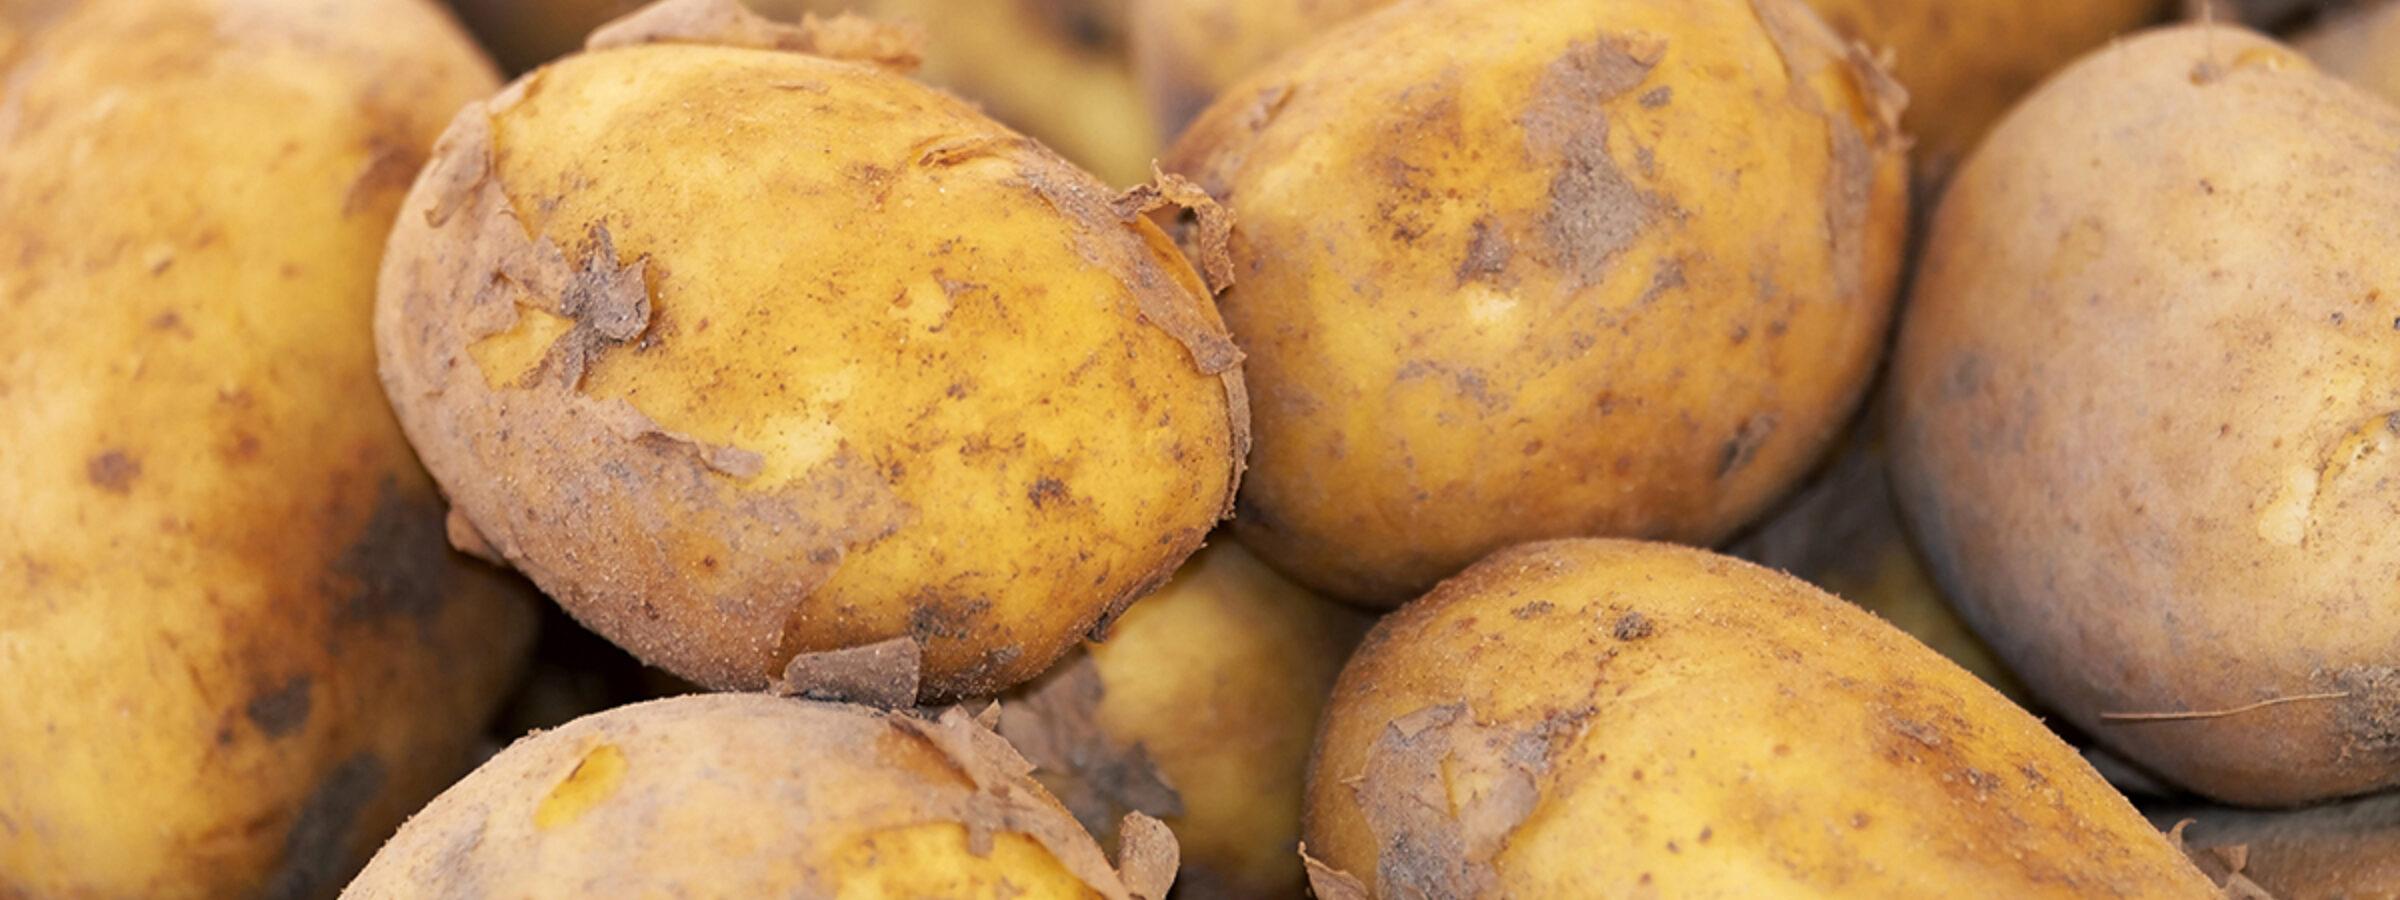 Aardappelendichtbij_1038 BO Akkerbouw